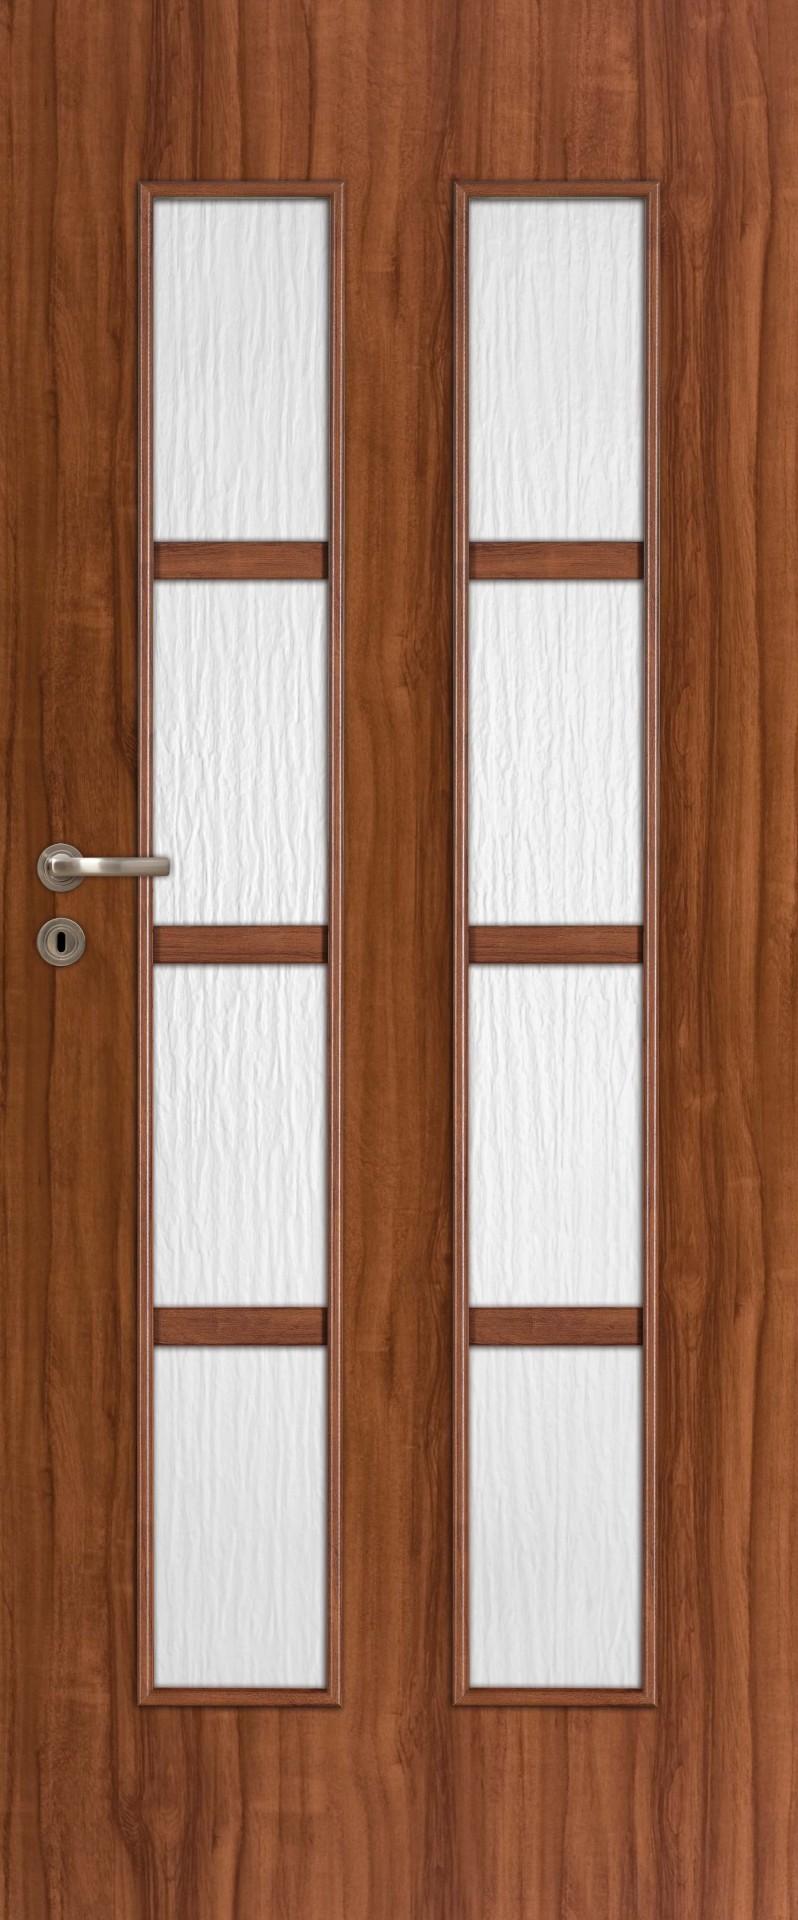 Dre dveře Arte 70, Šíře v cm 90